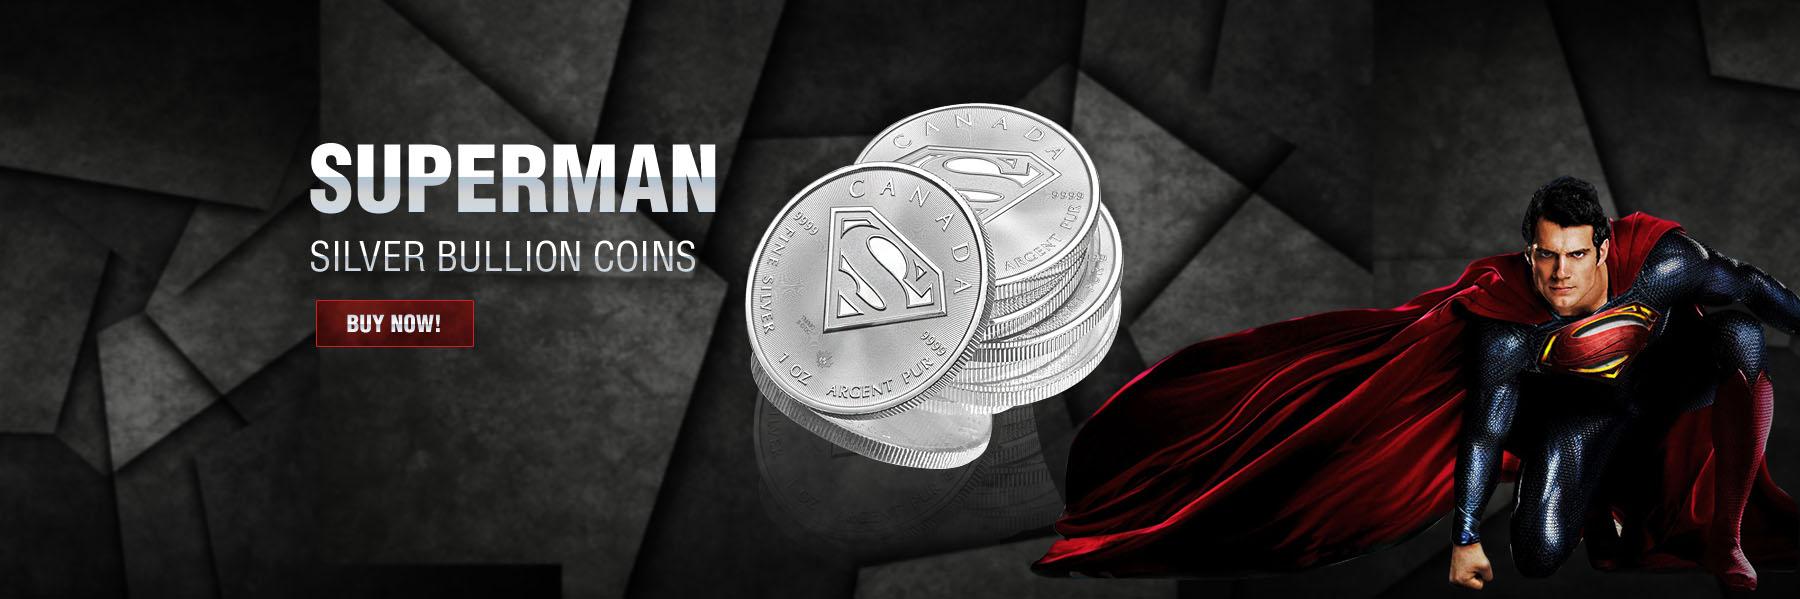 Superman Silver Bullion Coins